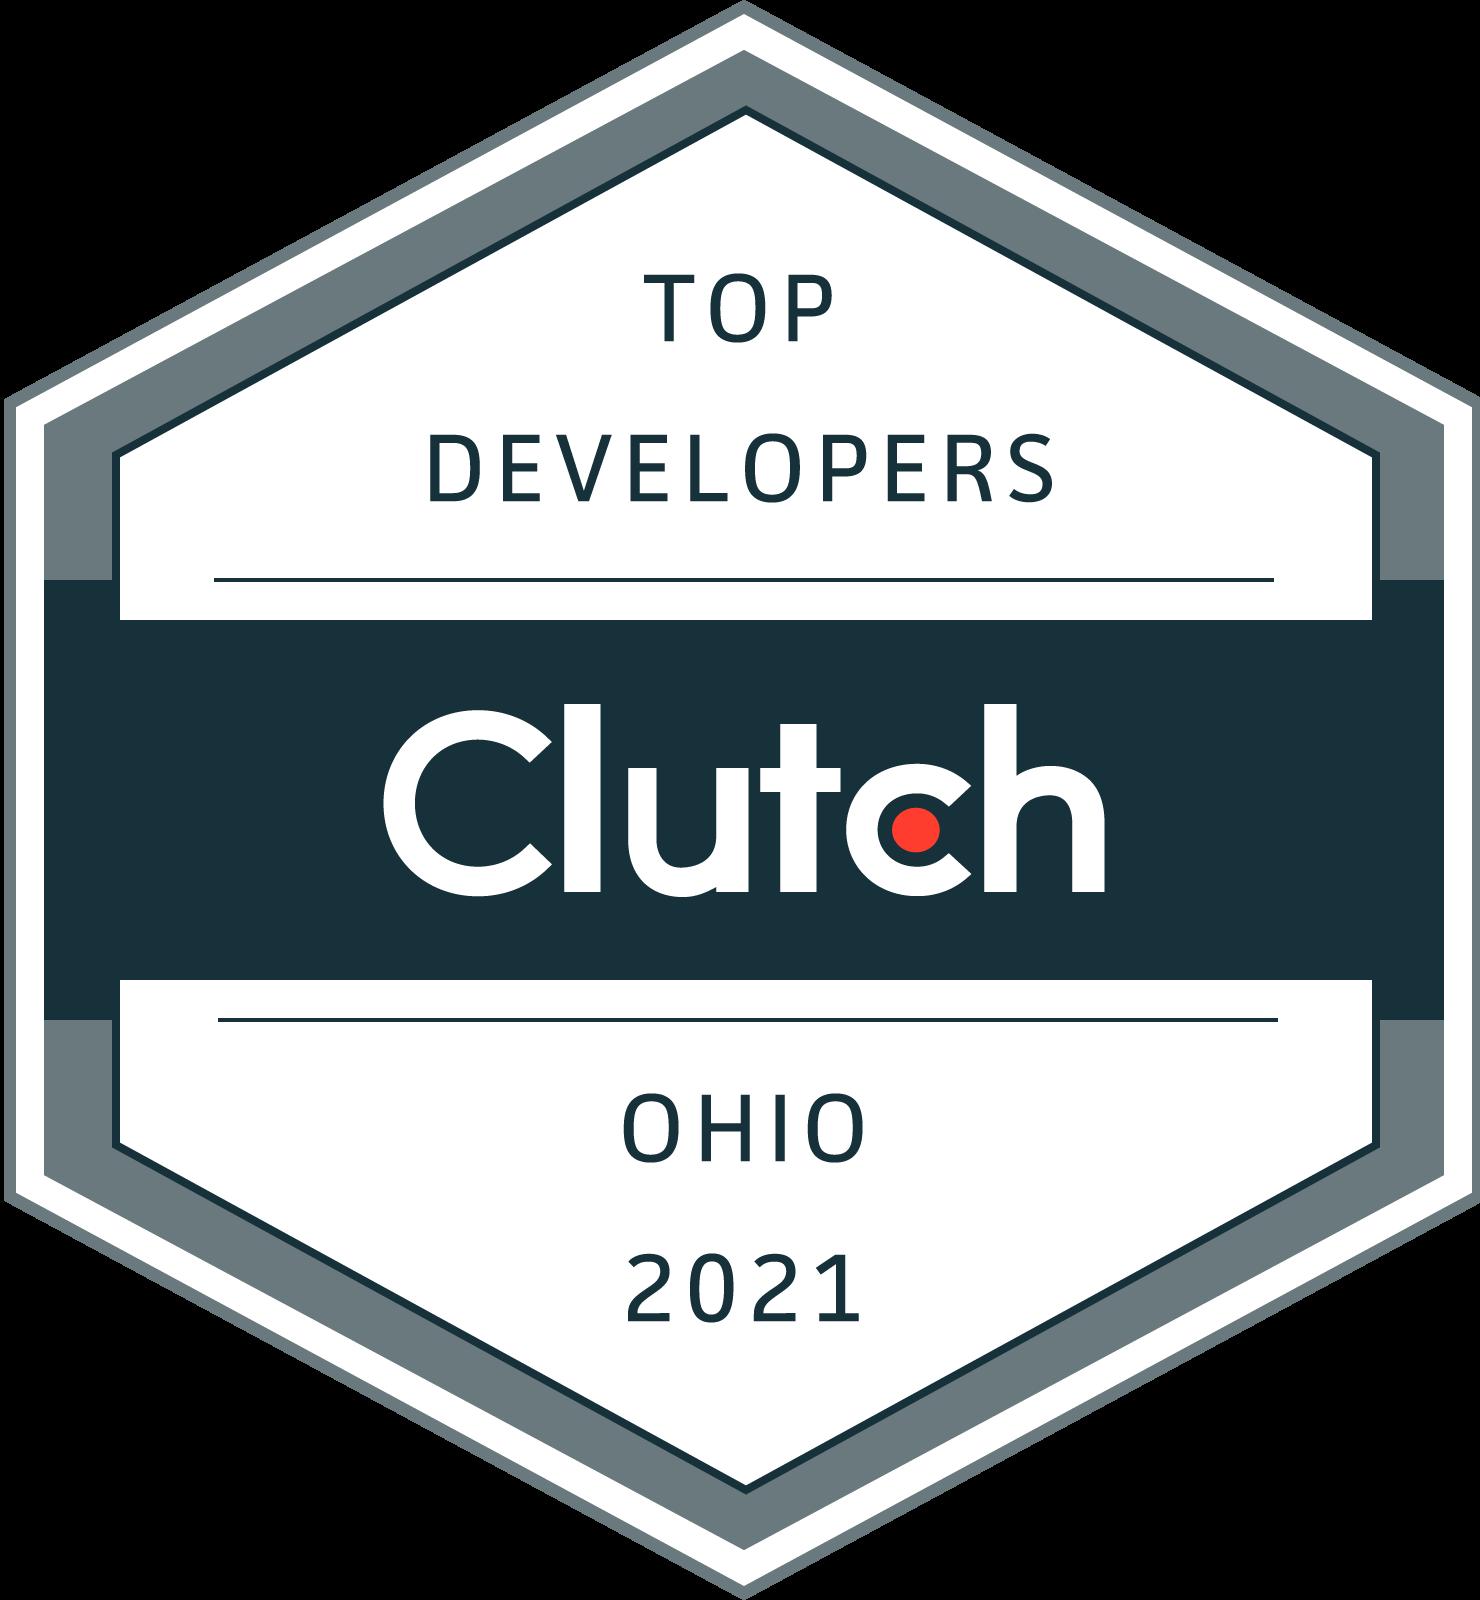 clutch top 2021